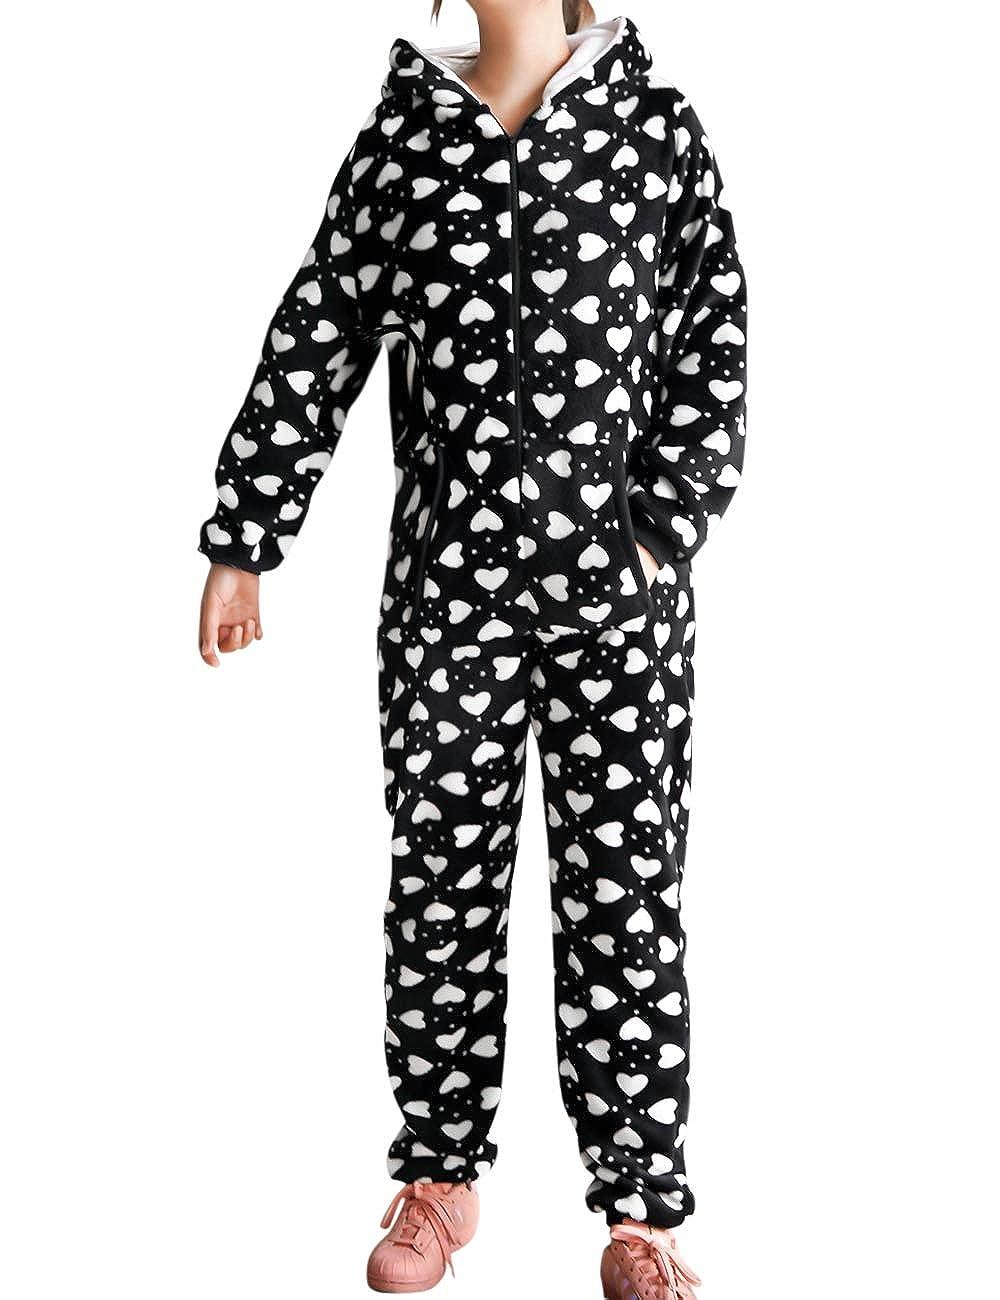 besbomig Mono Pijama de Mujer Adulto Cálido Homewear Ropa de Dormir con Capucha - Invierno Suave Jumpsuits Trajes de Dormir Navidad, Negro